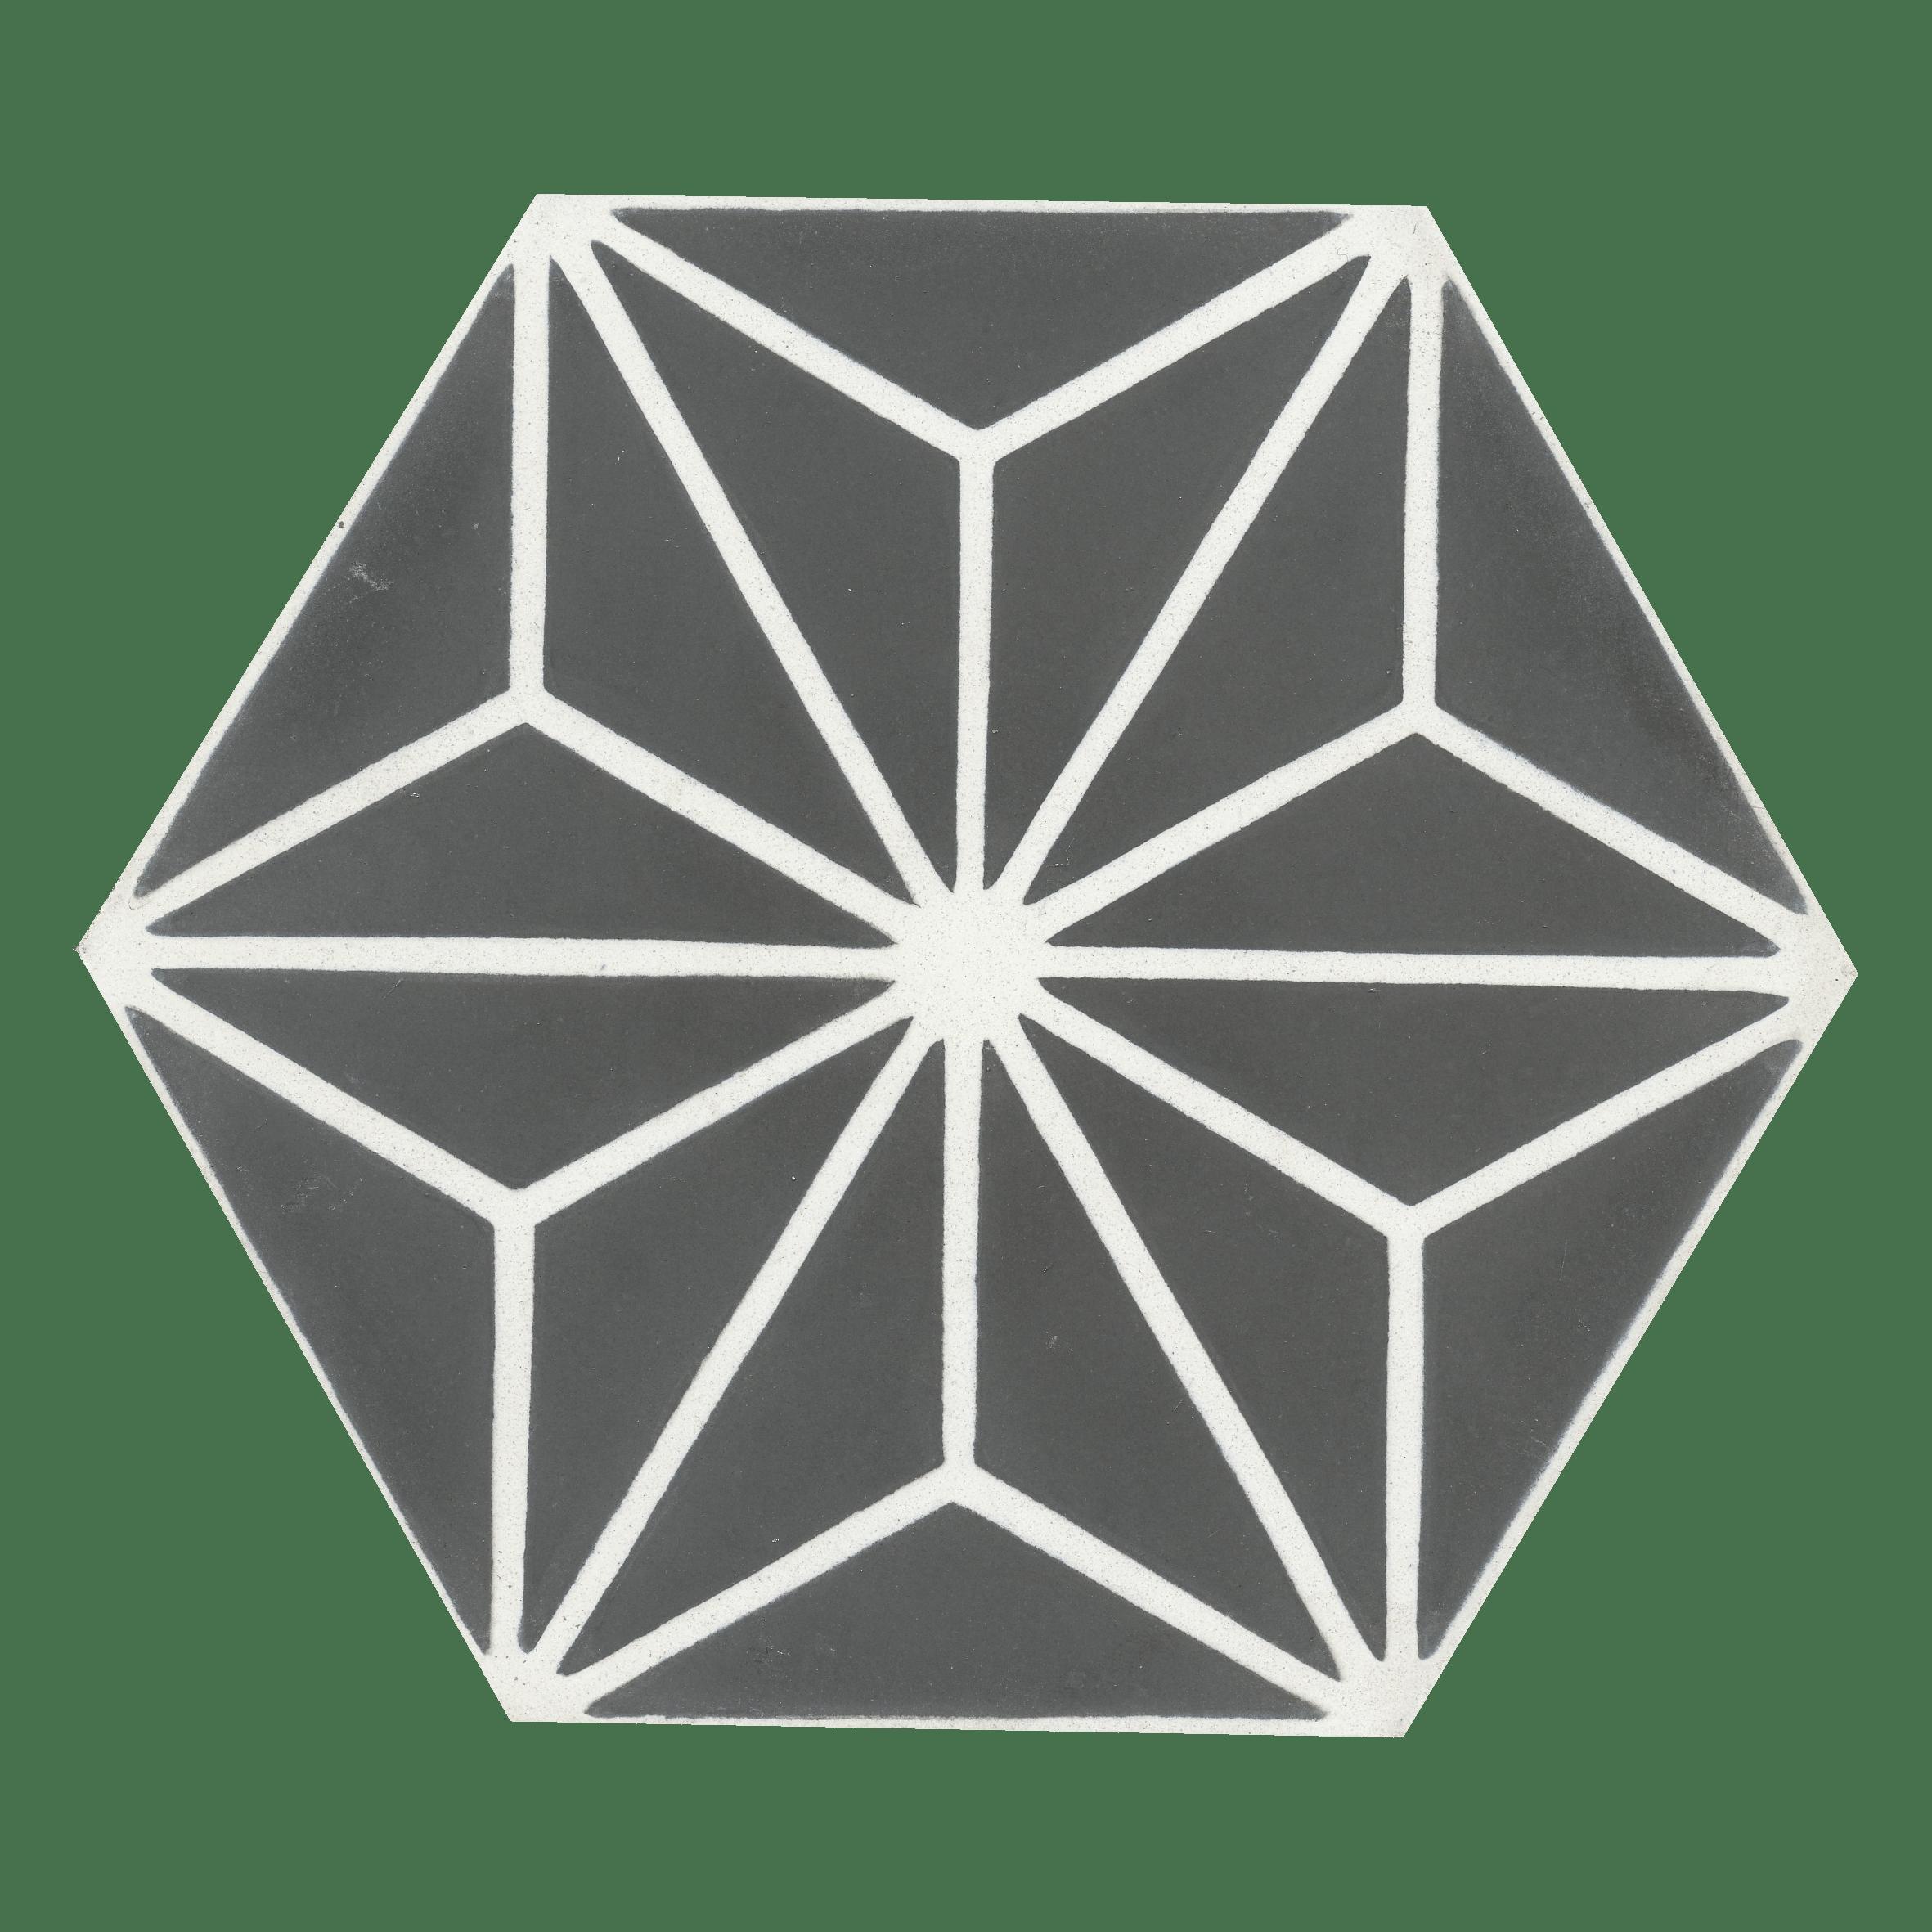 zementmosaikfliesen-nummer-600601-viaplatten   600601